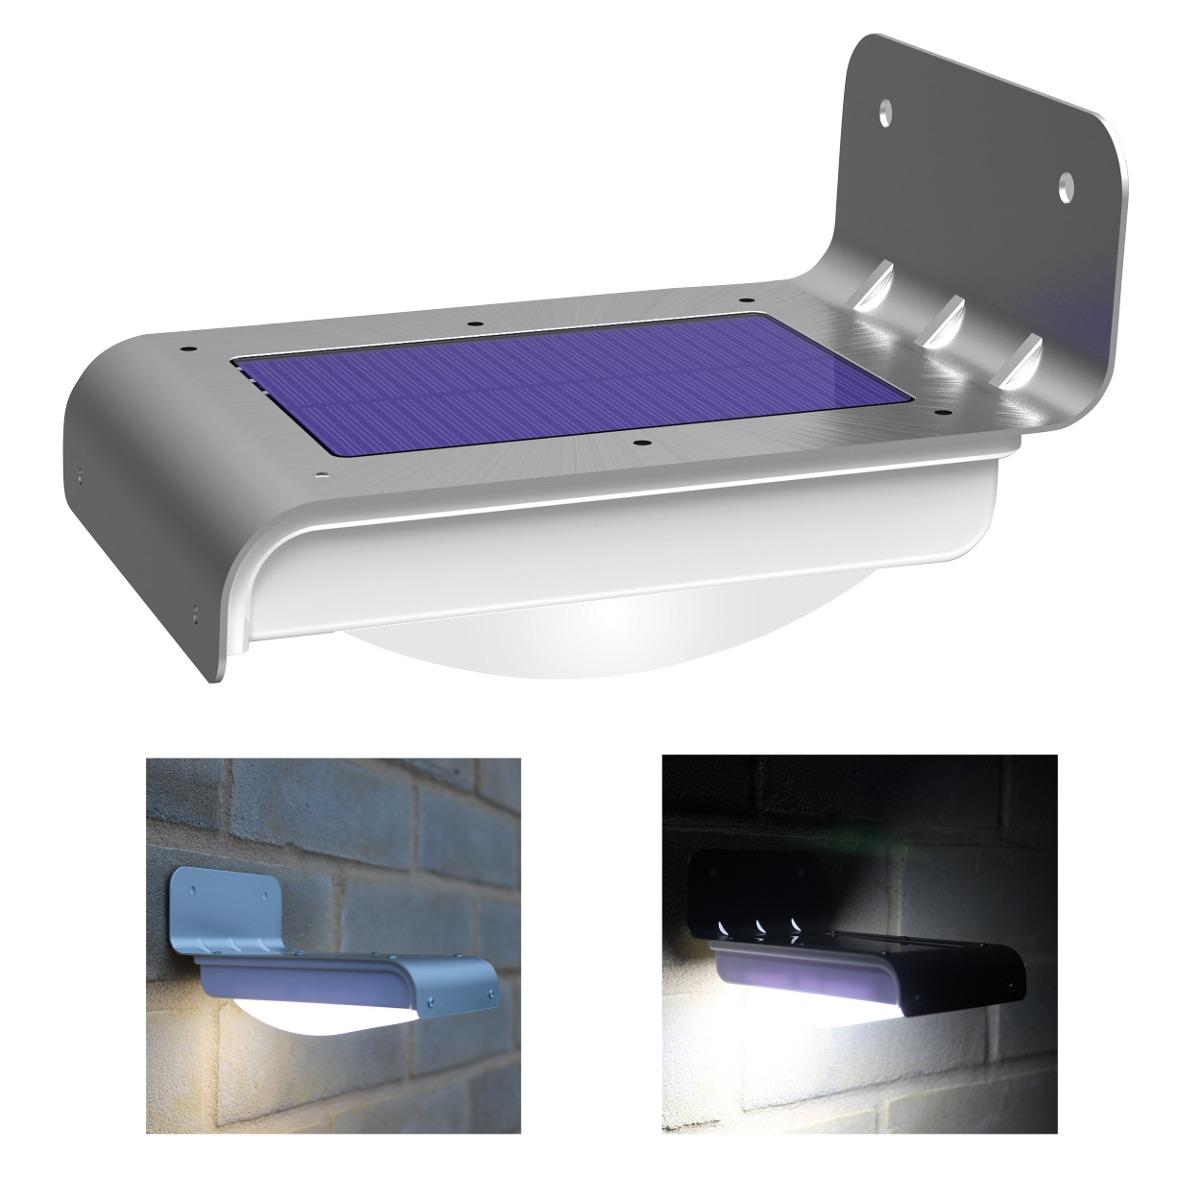 Foco solar 16 led con sensor de movimiento para exterior - Focos led solares ...